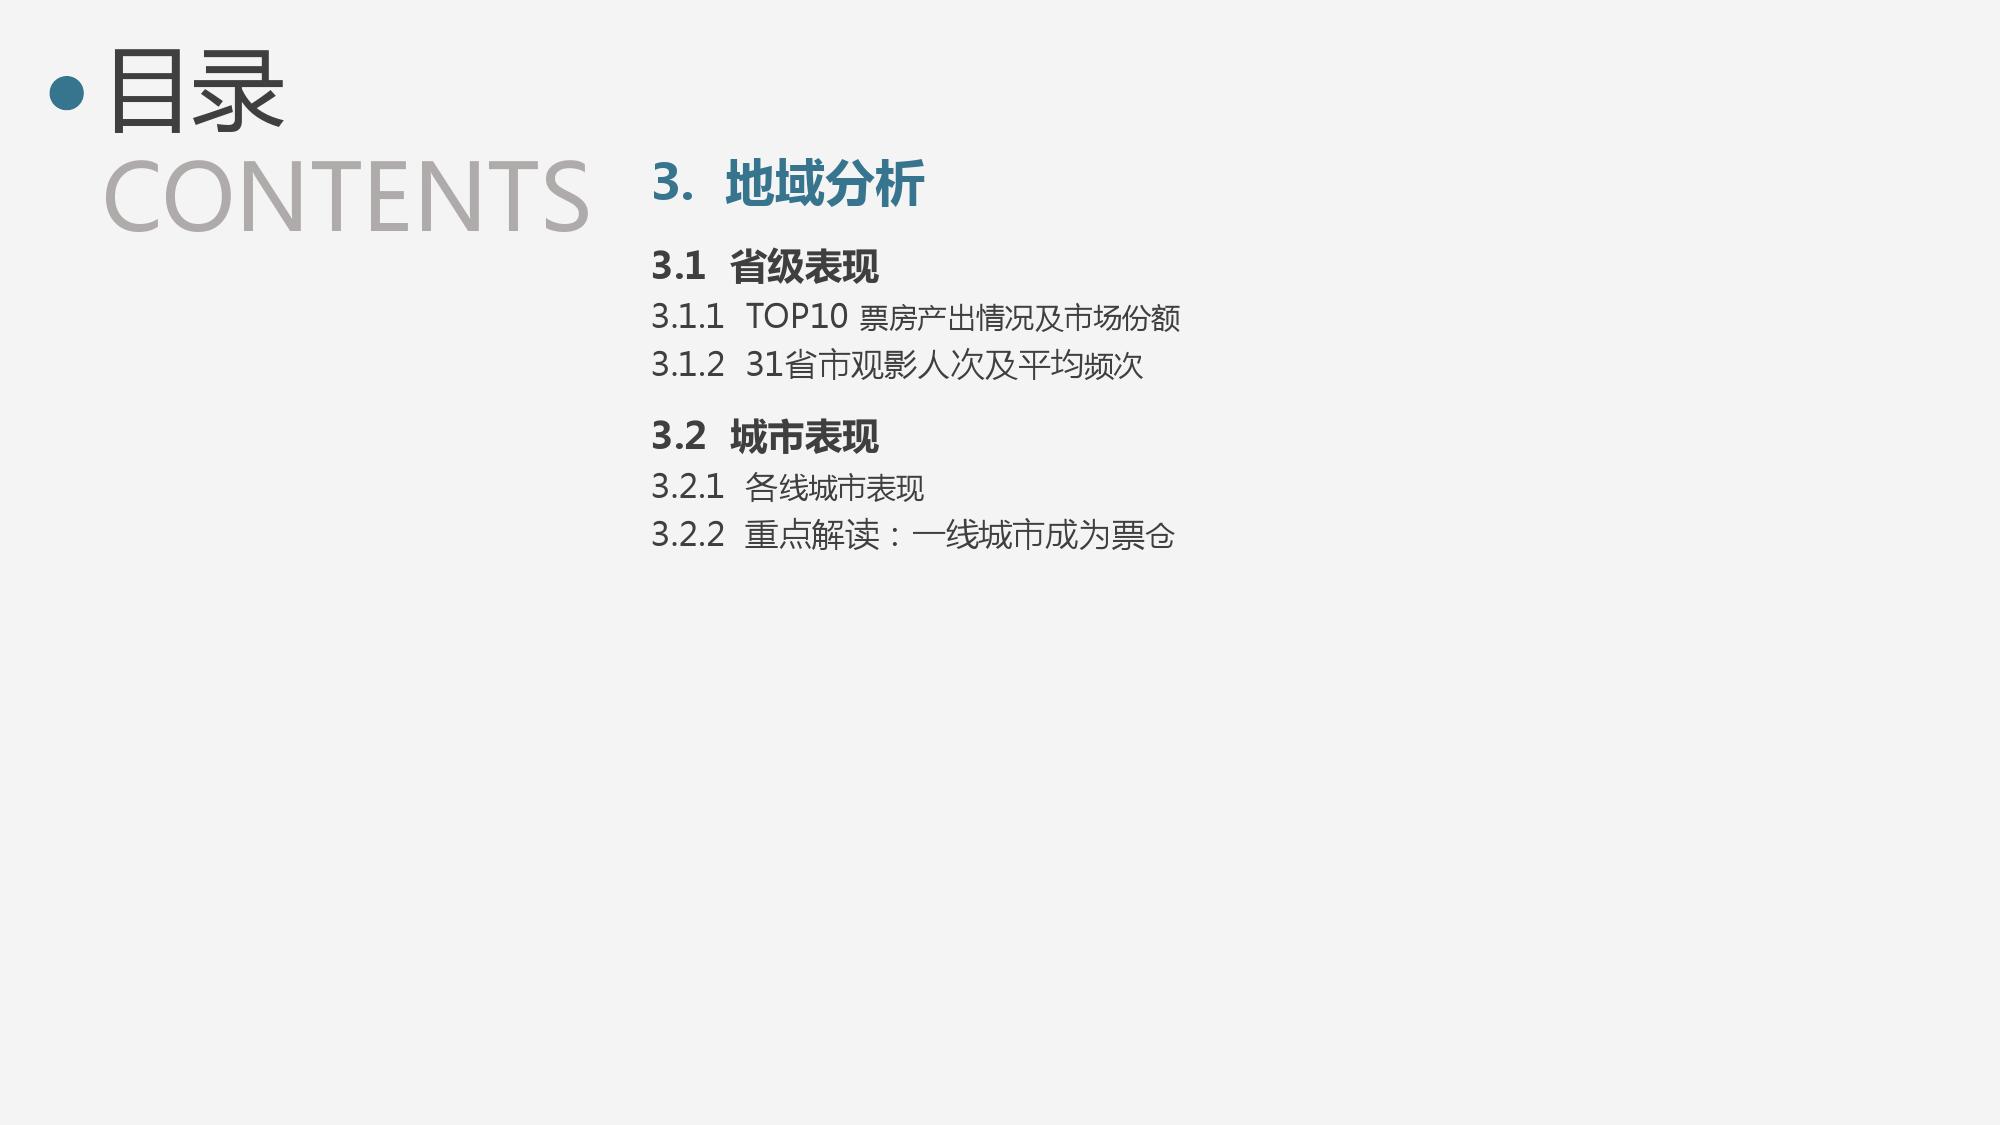 2015年度中国电影产业报告_000004